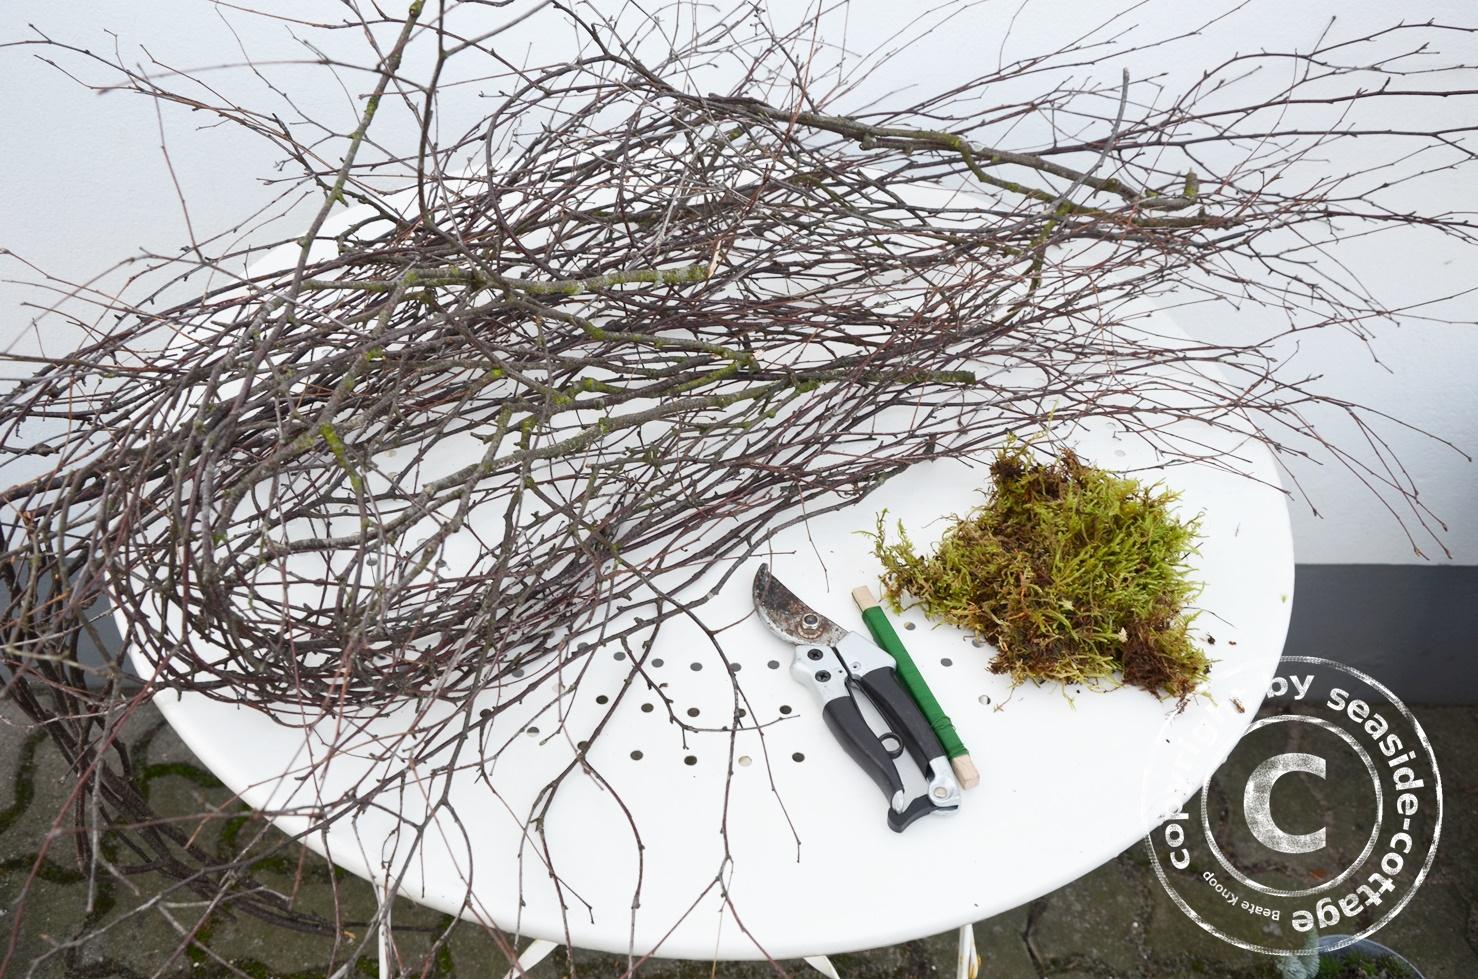 seaside cottage diy ein nest aus birkenzweigen. Black Bedroom Furniture Sets. Home Design Ideas